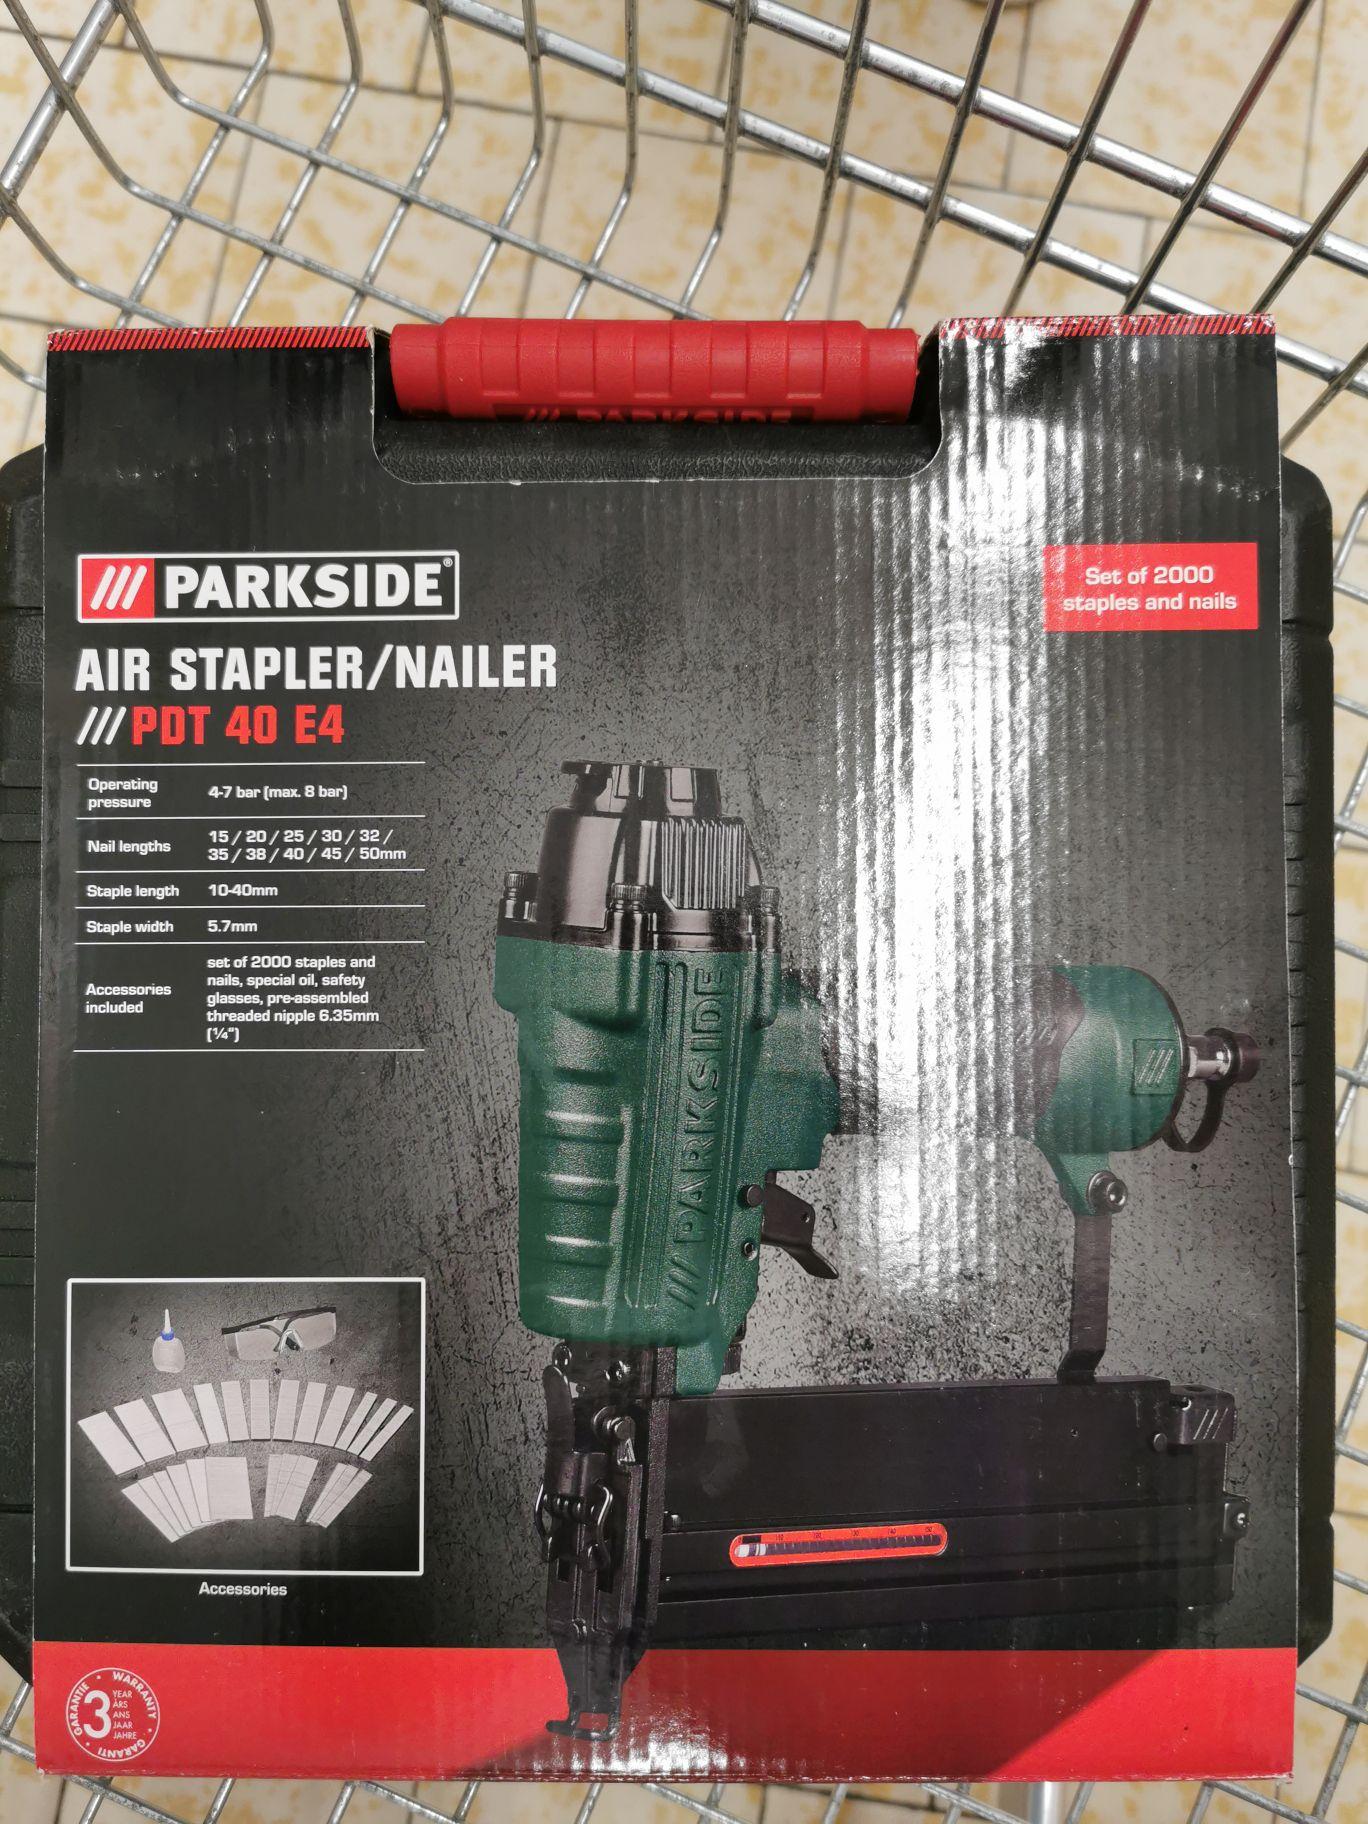 Air stapler/nailer 9.99 instore @ Lidl Bolton